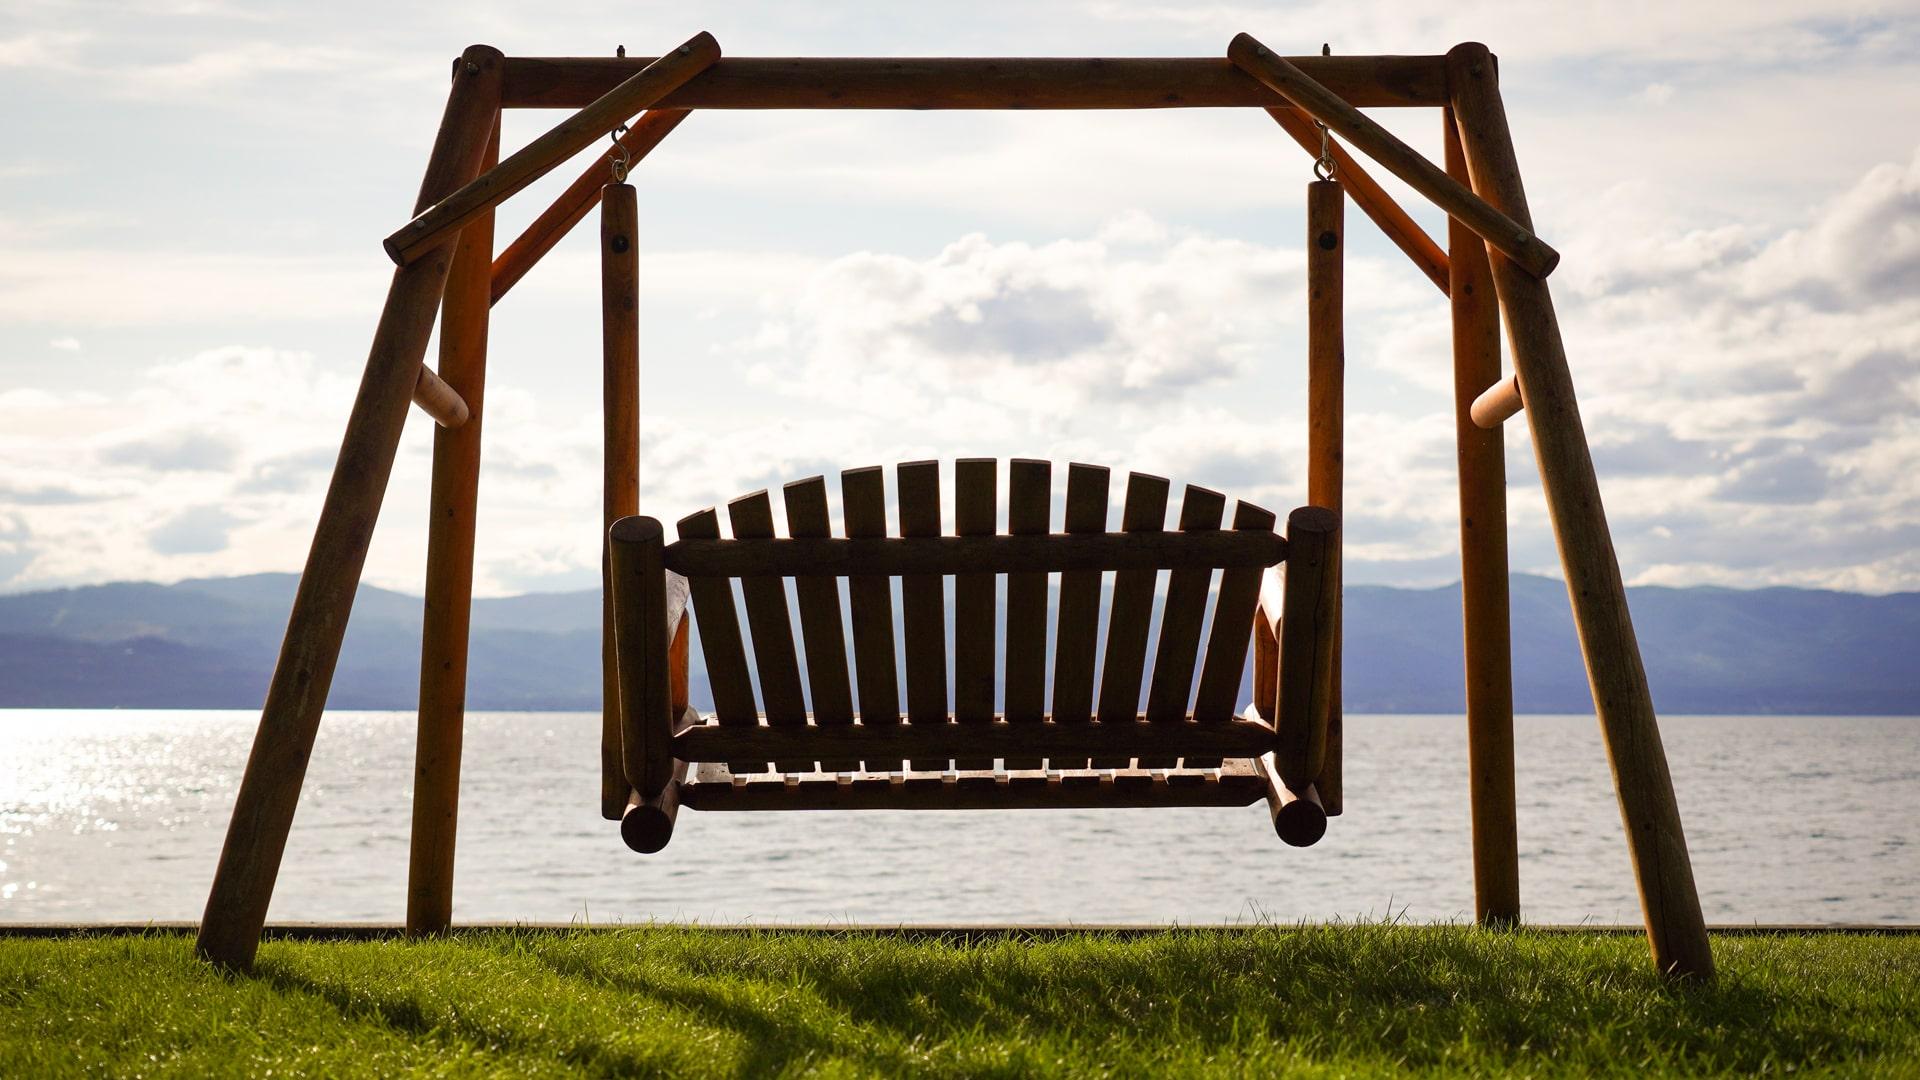 R19-Sony-Camera-Camp-2019-Flathead-Lake-Lodge-Lake-Swing-1920x1080.jpg